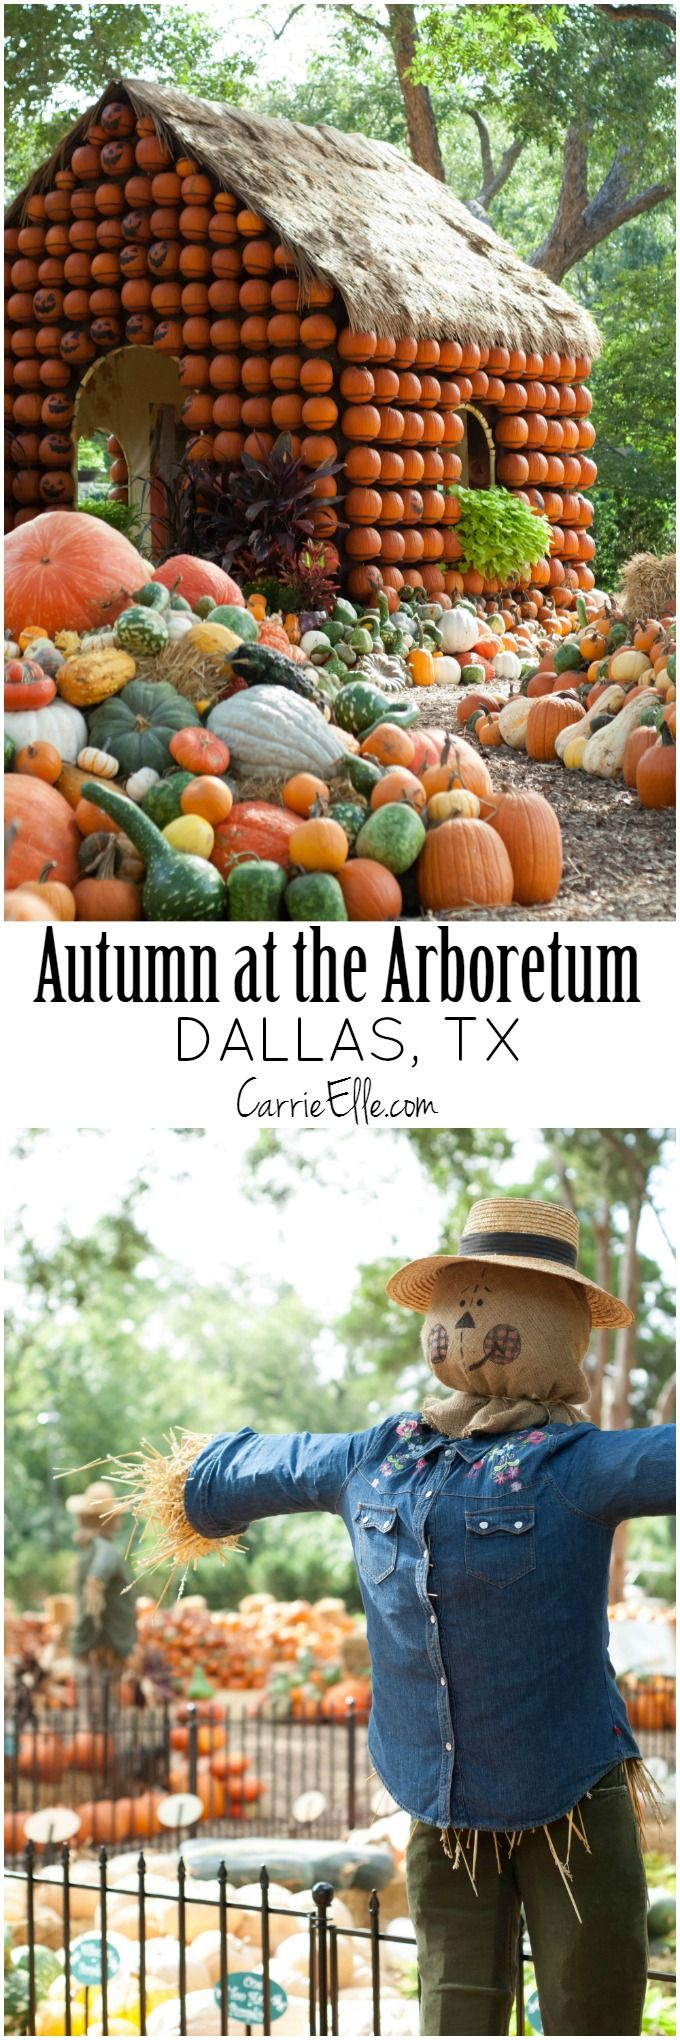 Pumpkin Village, Autumn at the Arboretum, Dallas Arboretum, Fall, Pumpkin Patch, #ArborAutumn